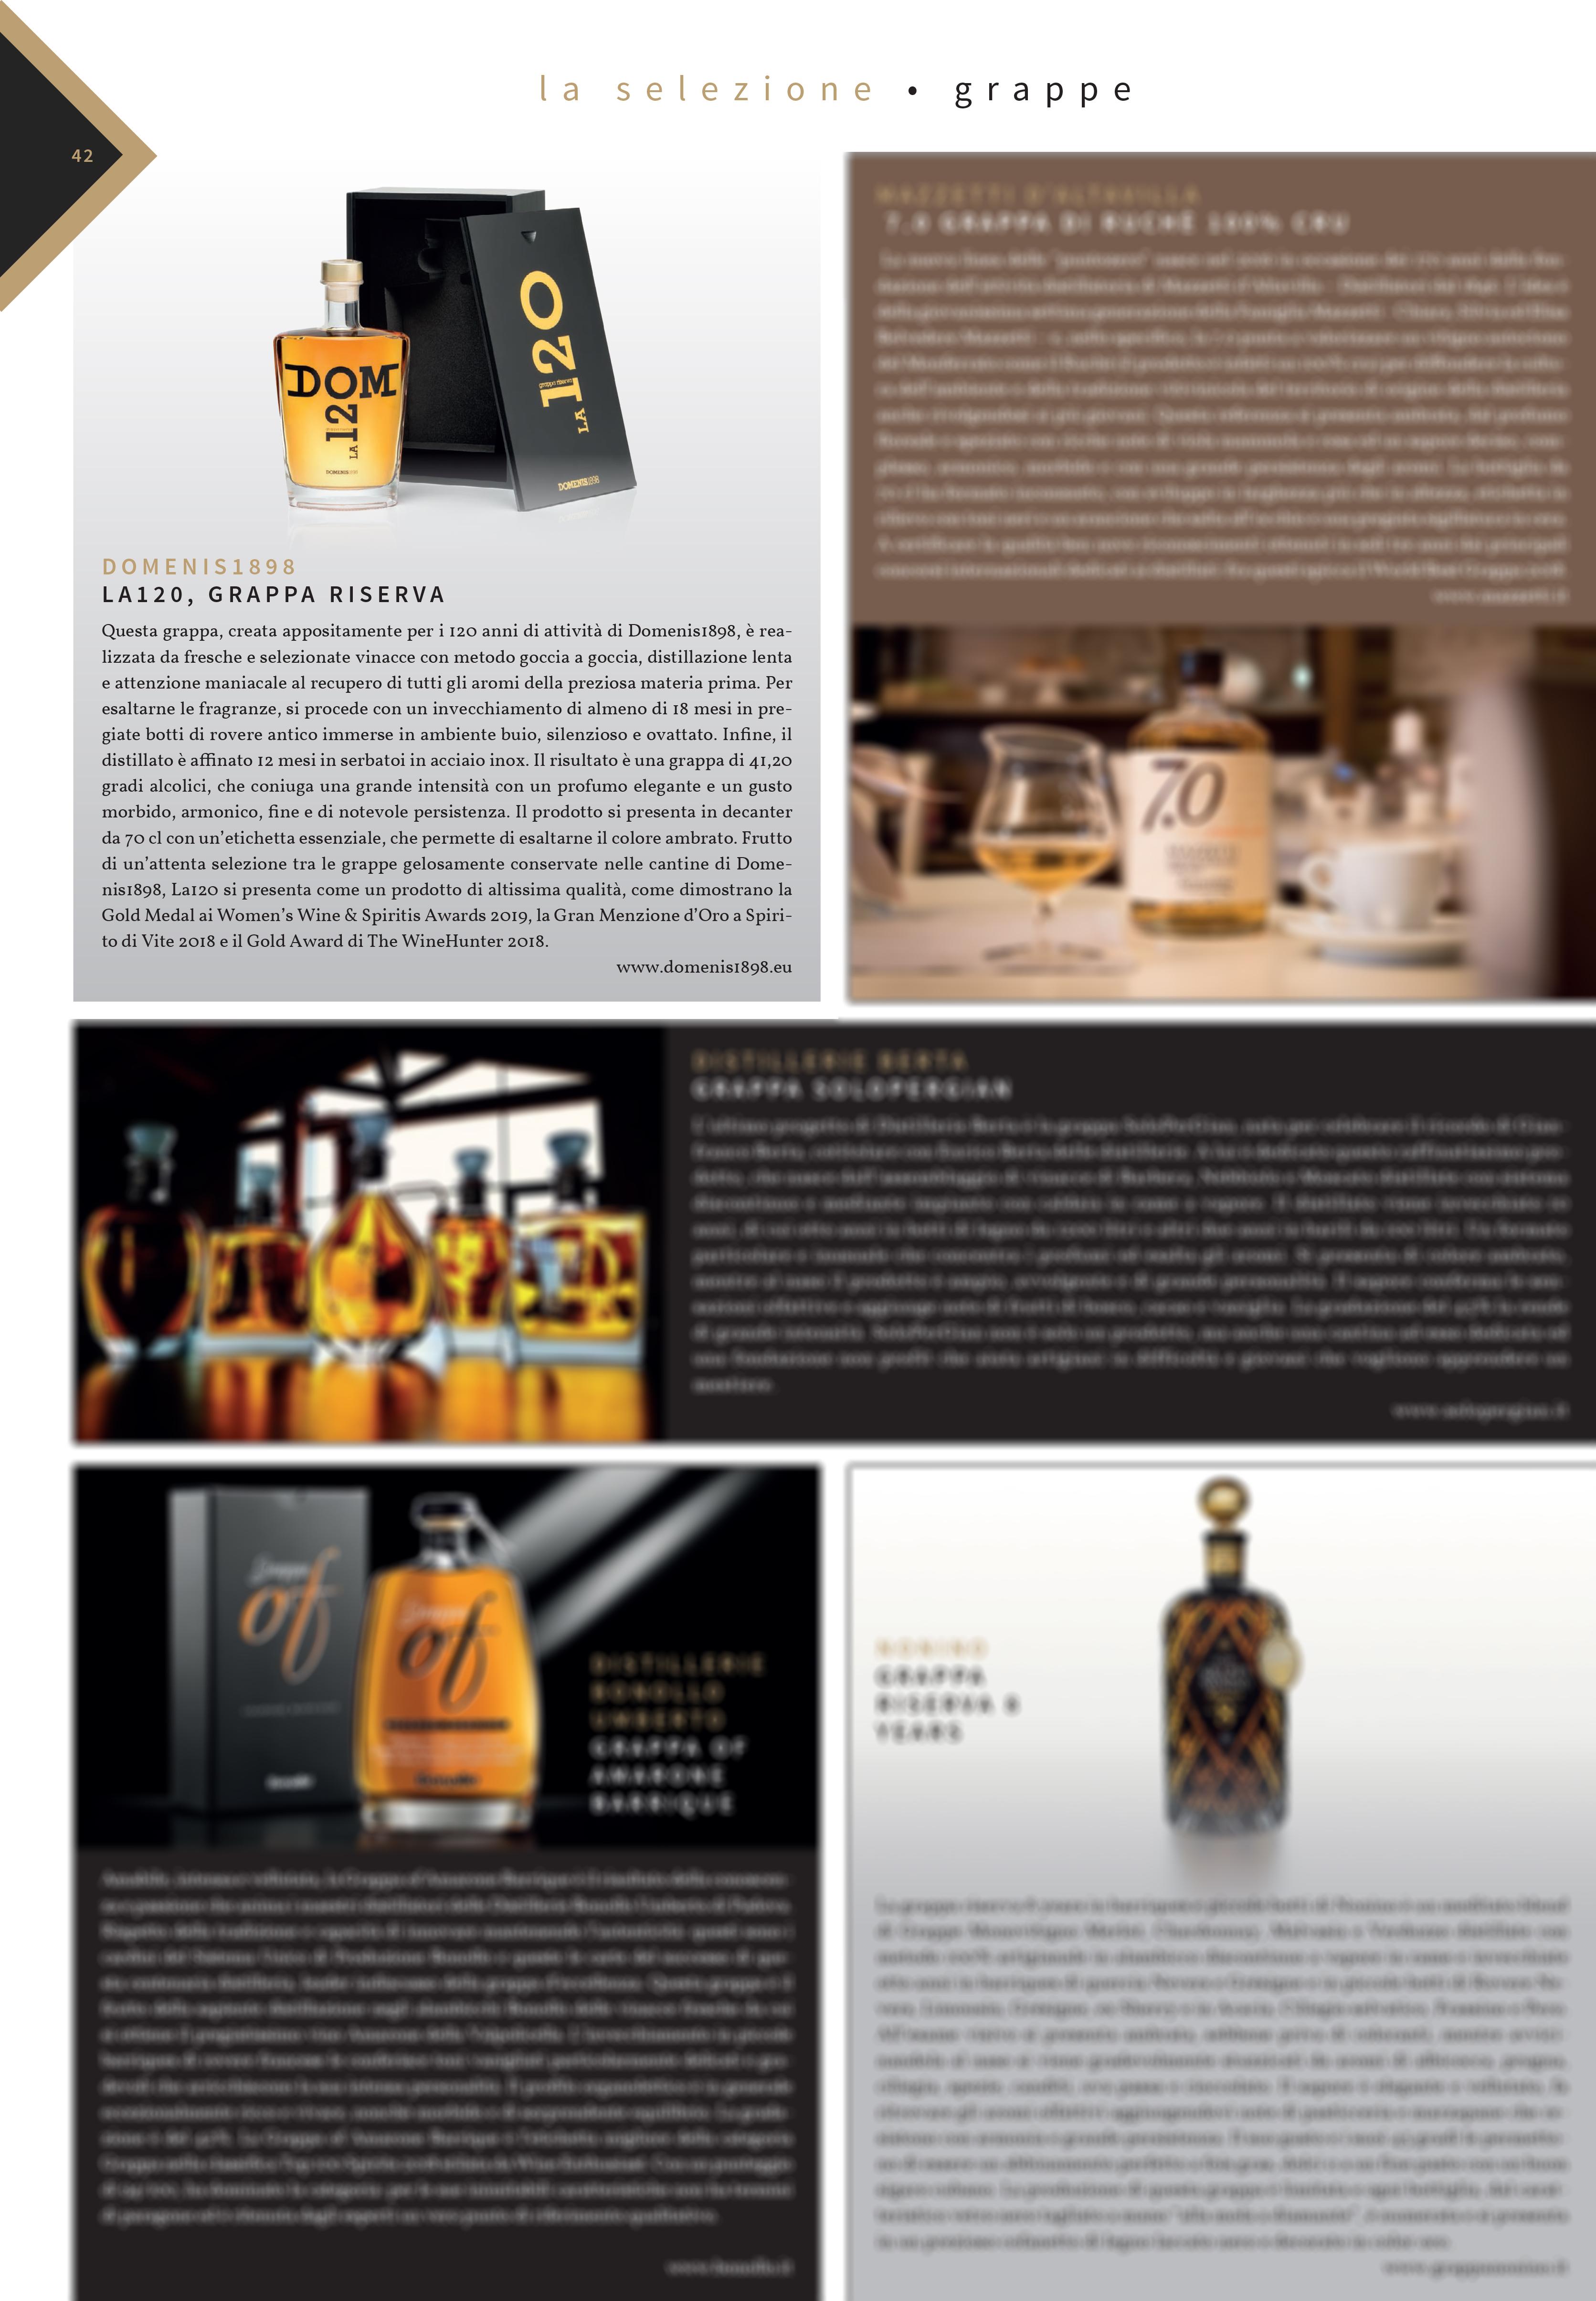 2019 settembre 30: Luxury Food&Beverage Magazine#1 – La selezione grappe